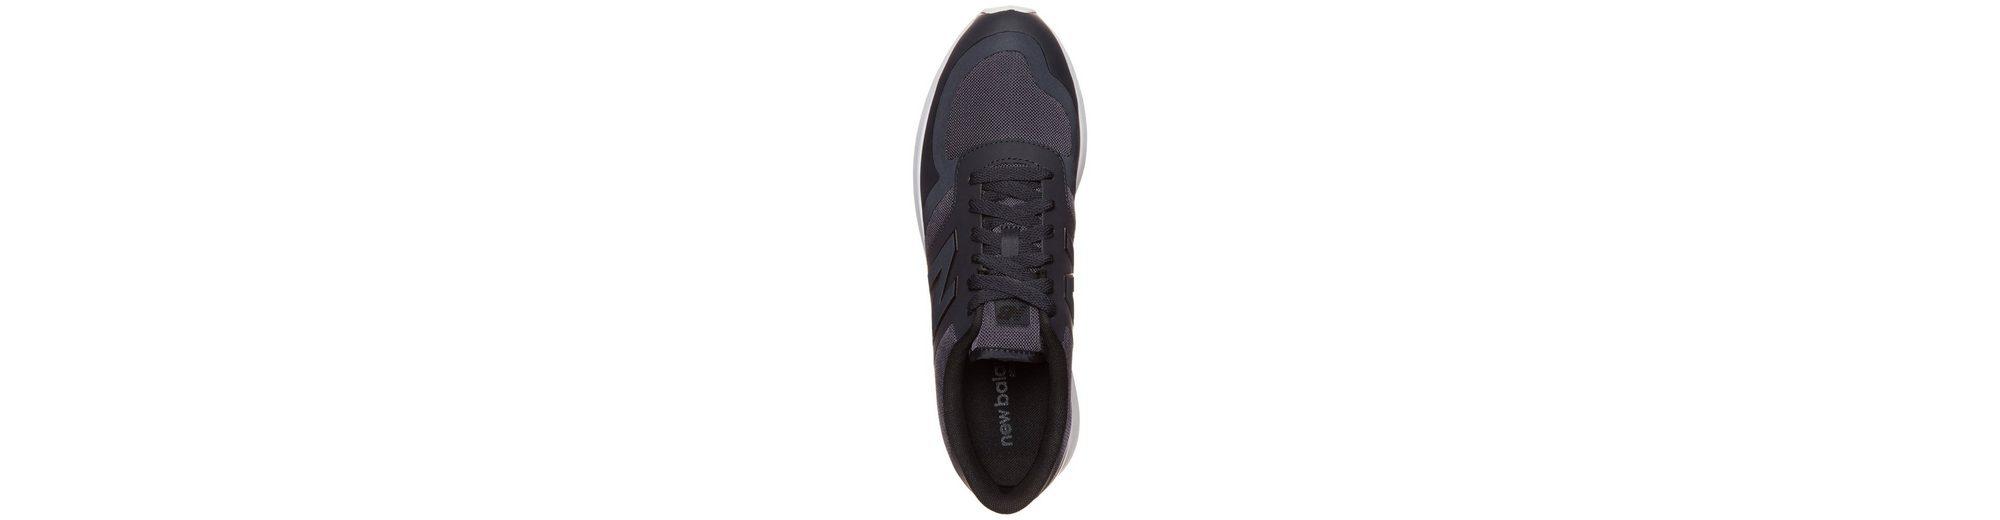 Billig Zahlen Mit Paypal New Balance MRL420-MW-D Sneaker Herren Billig Verkauf Erkunden Günstig Kaufen Vorbestellung Kaufen Billig Authentisch Rabatt Beliebt Y76qfqS8Z